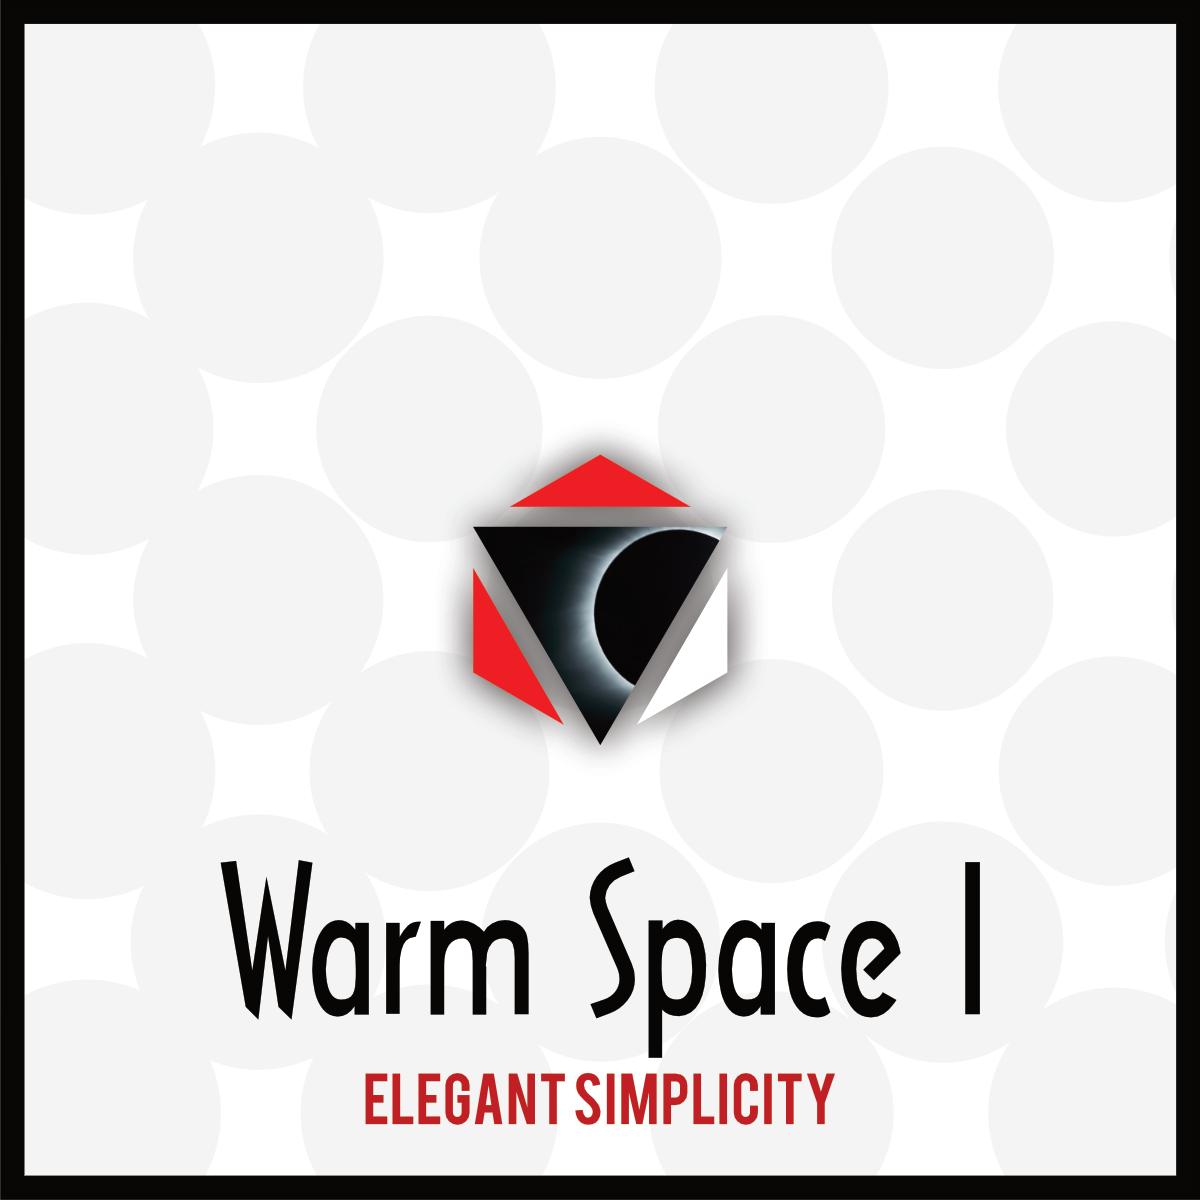 Warm Space I